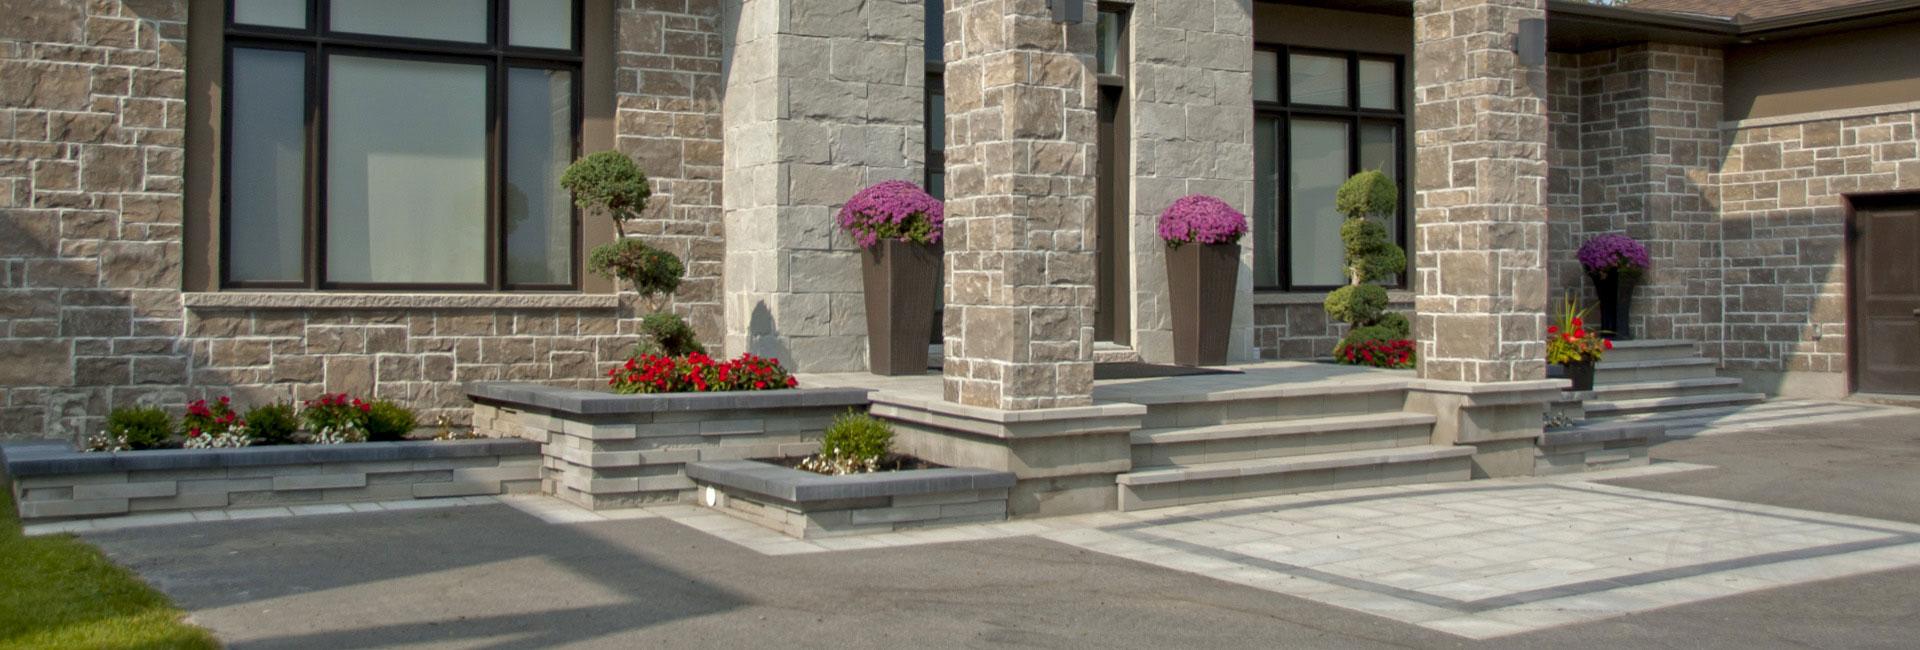 Moex Property Maintenance | 803 French Settlement Rd, Kemptville, ON K0G 1J0 | +1 613-258-6805